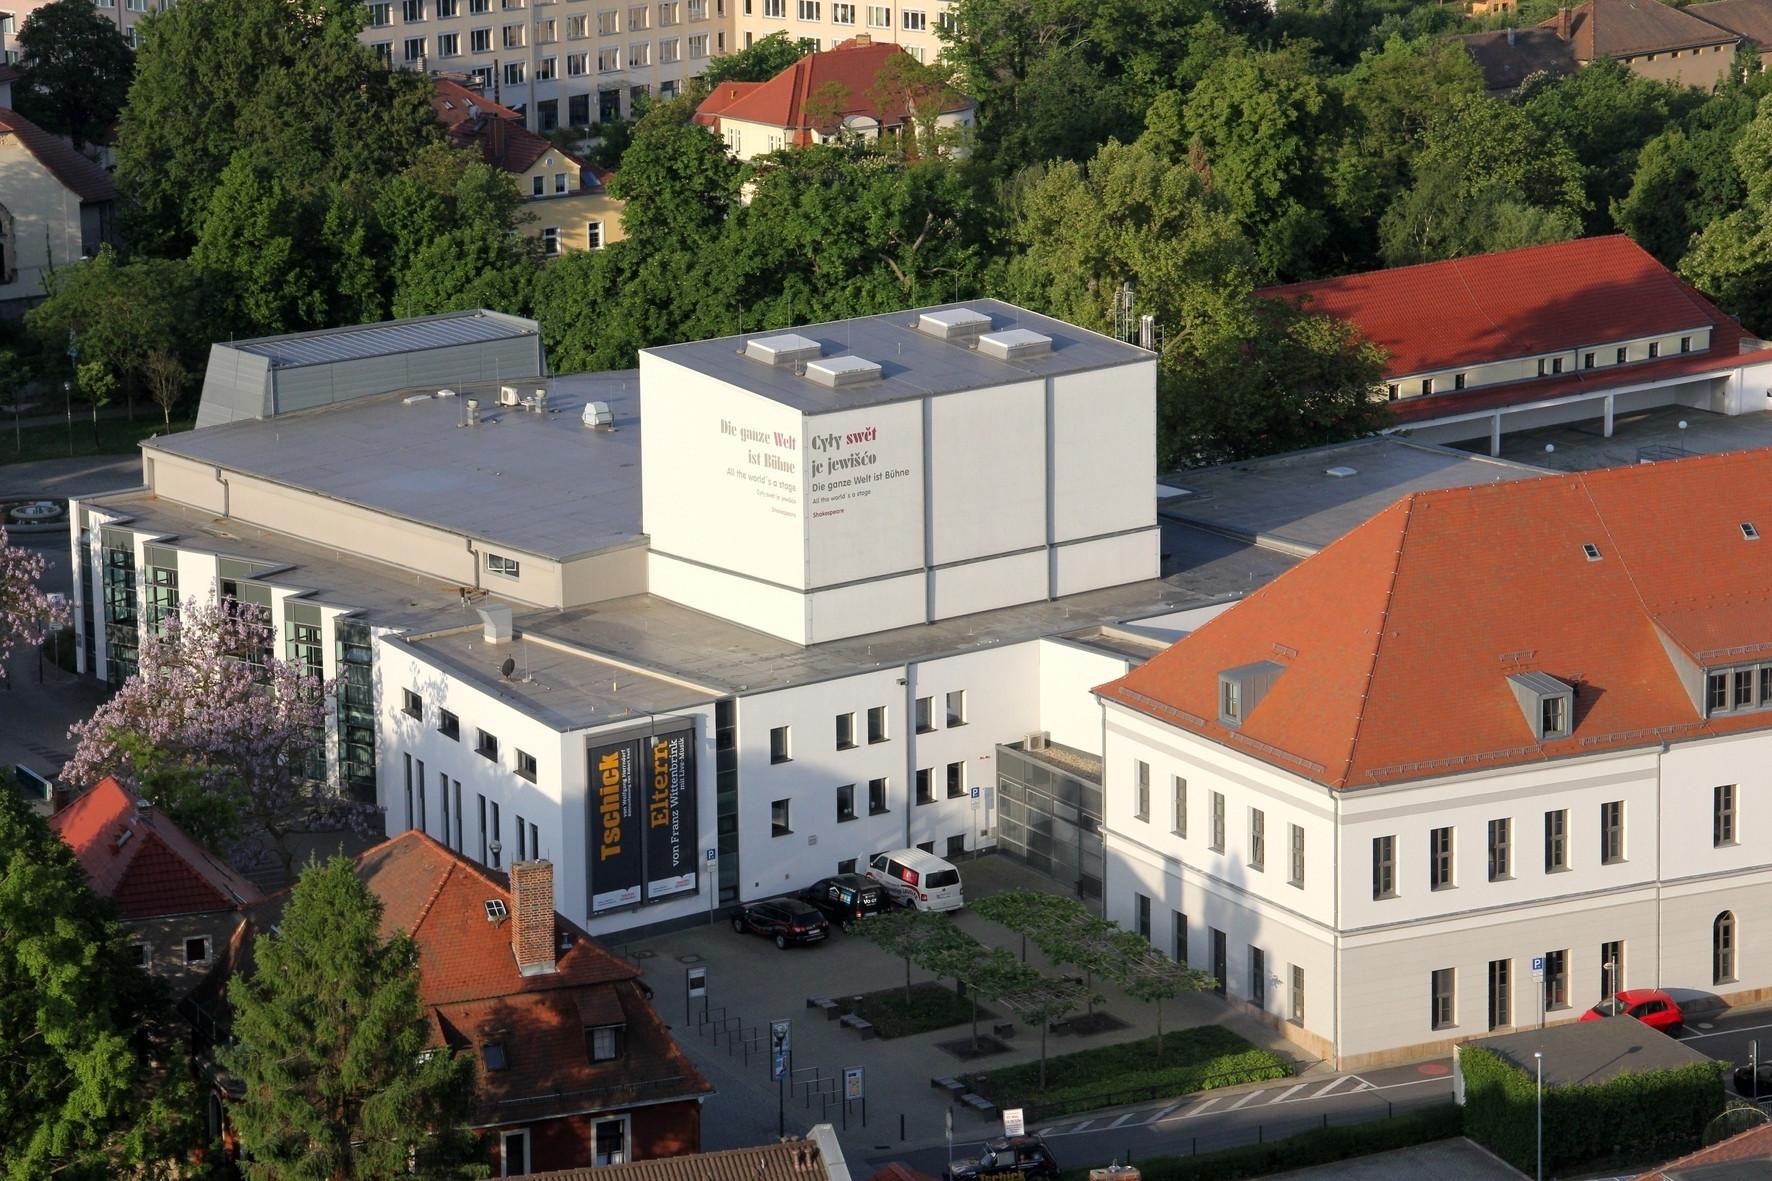 Das große Haus des Bautzener Theaters aus der Vogelperspektive.